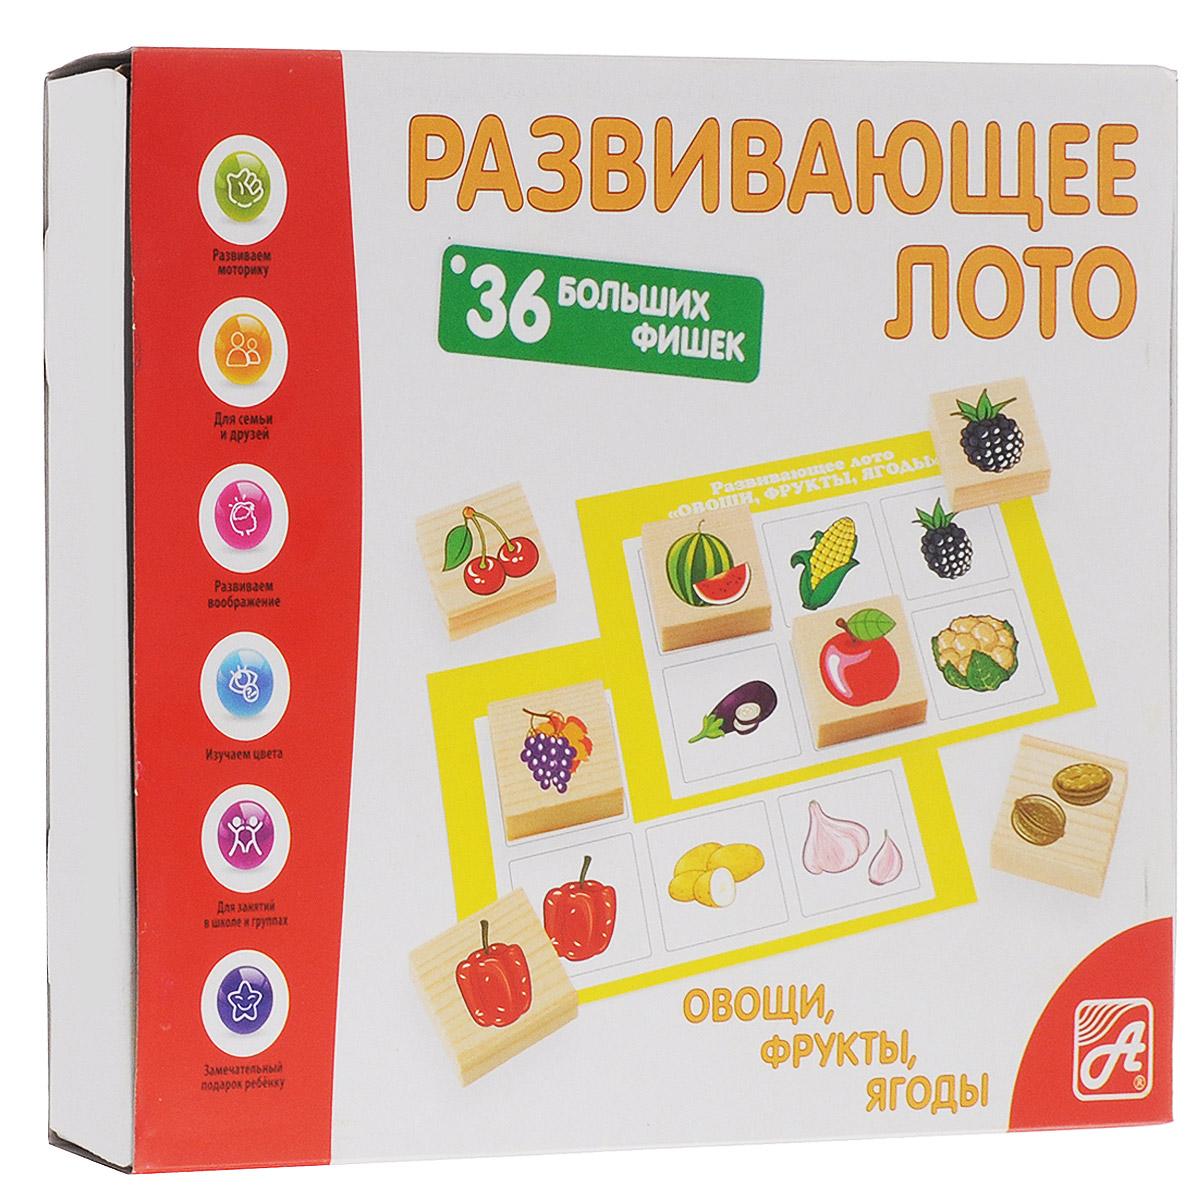 Развивающие деревянные игрушки Лото Овощи фрукты ягоды книги эксмо натуральная аптечка ягоды овощи фрукты пряные травы